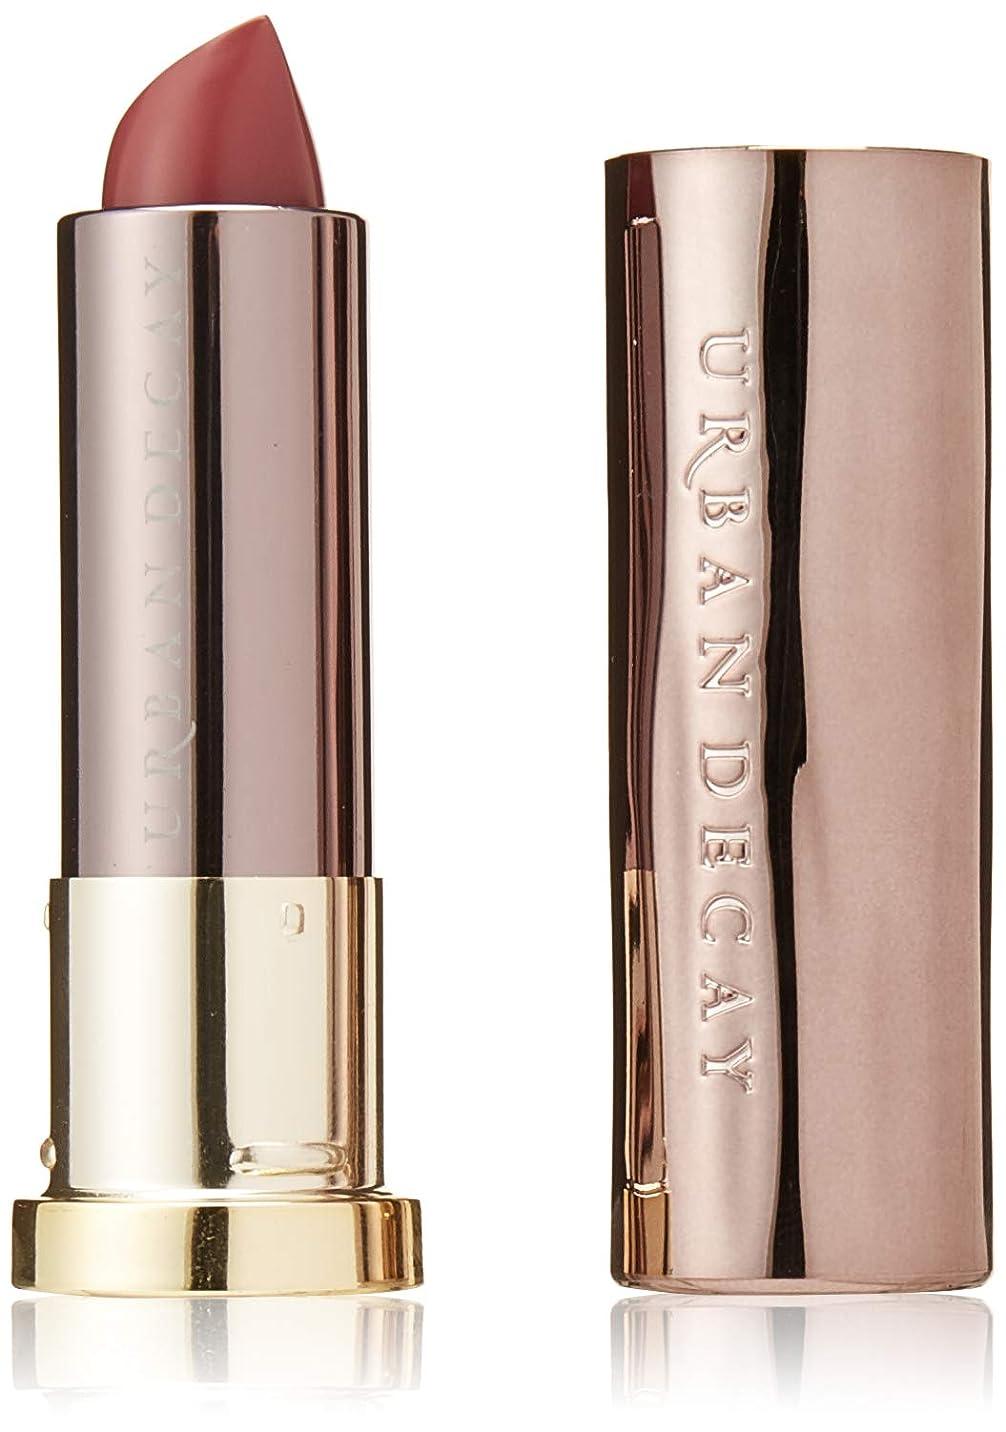 スラック咽頭クラスアーバンディケイ Vice Lipstick - # Crisis (Cream) 3.4g/0.11oz並行輸入品